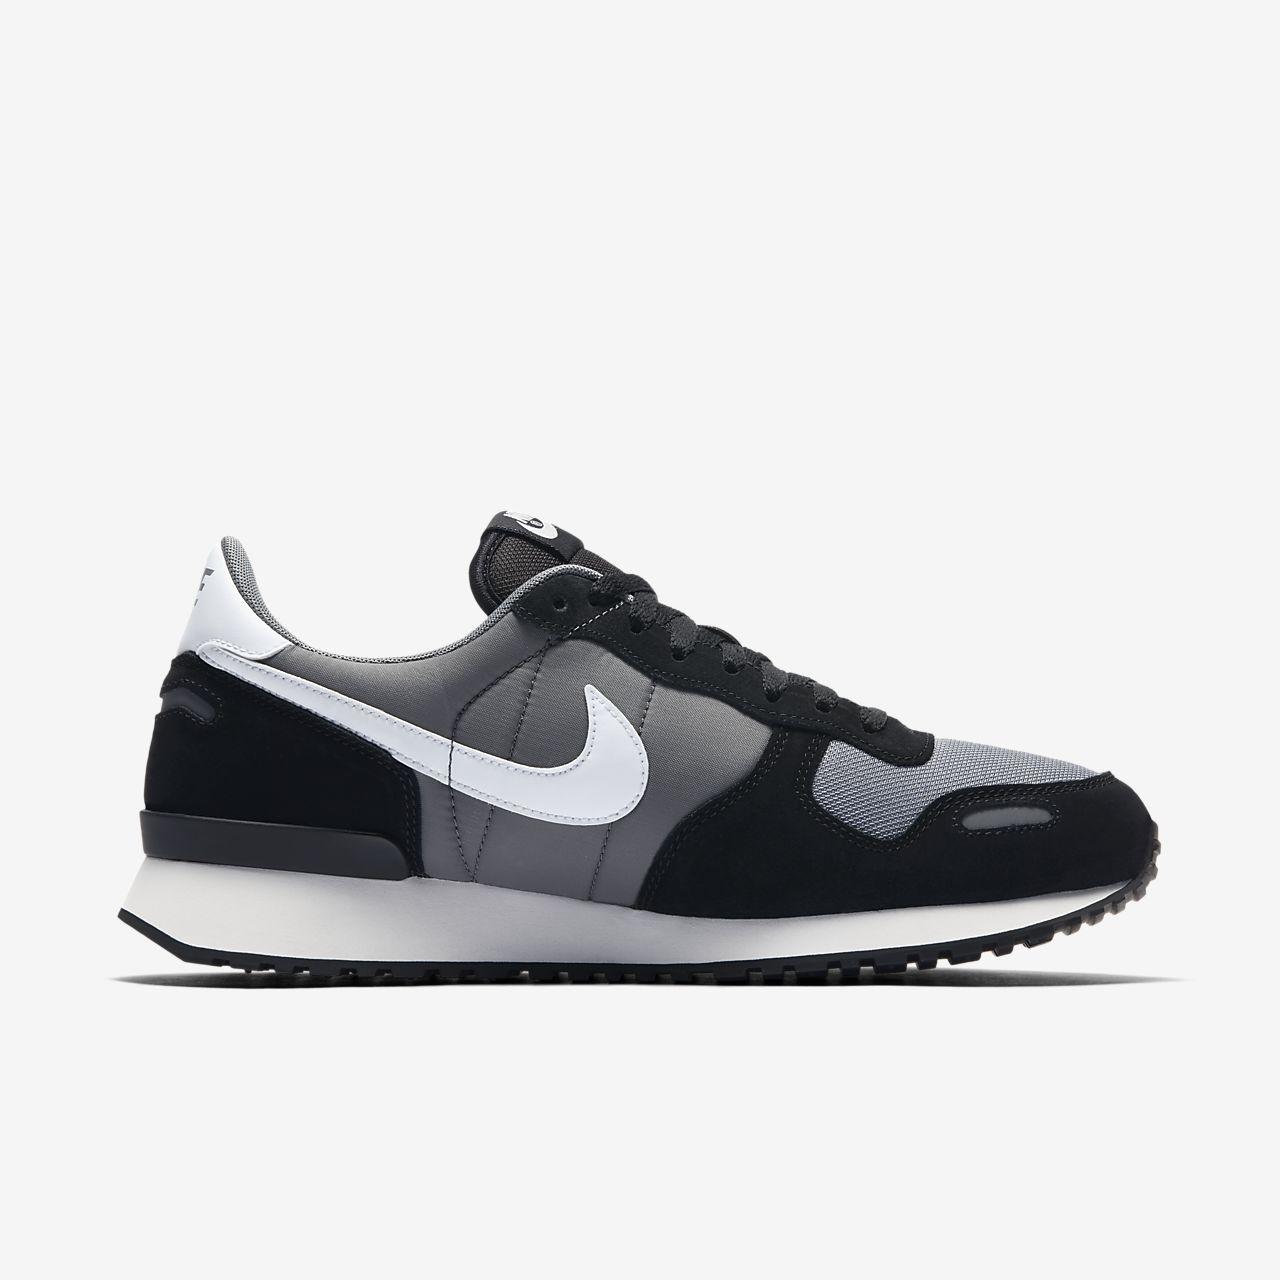 fe02d58d2cc Nike Air Vortex Leather Shoes Grey Xga15h9i